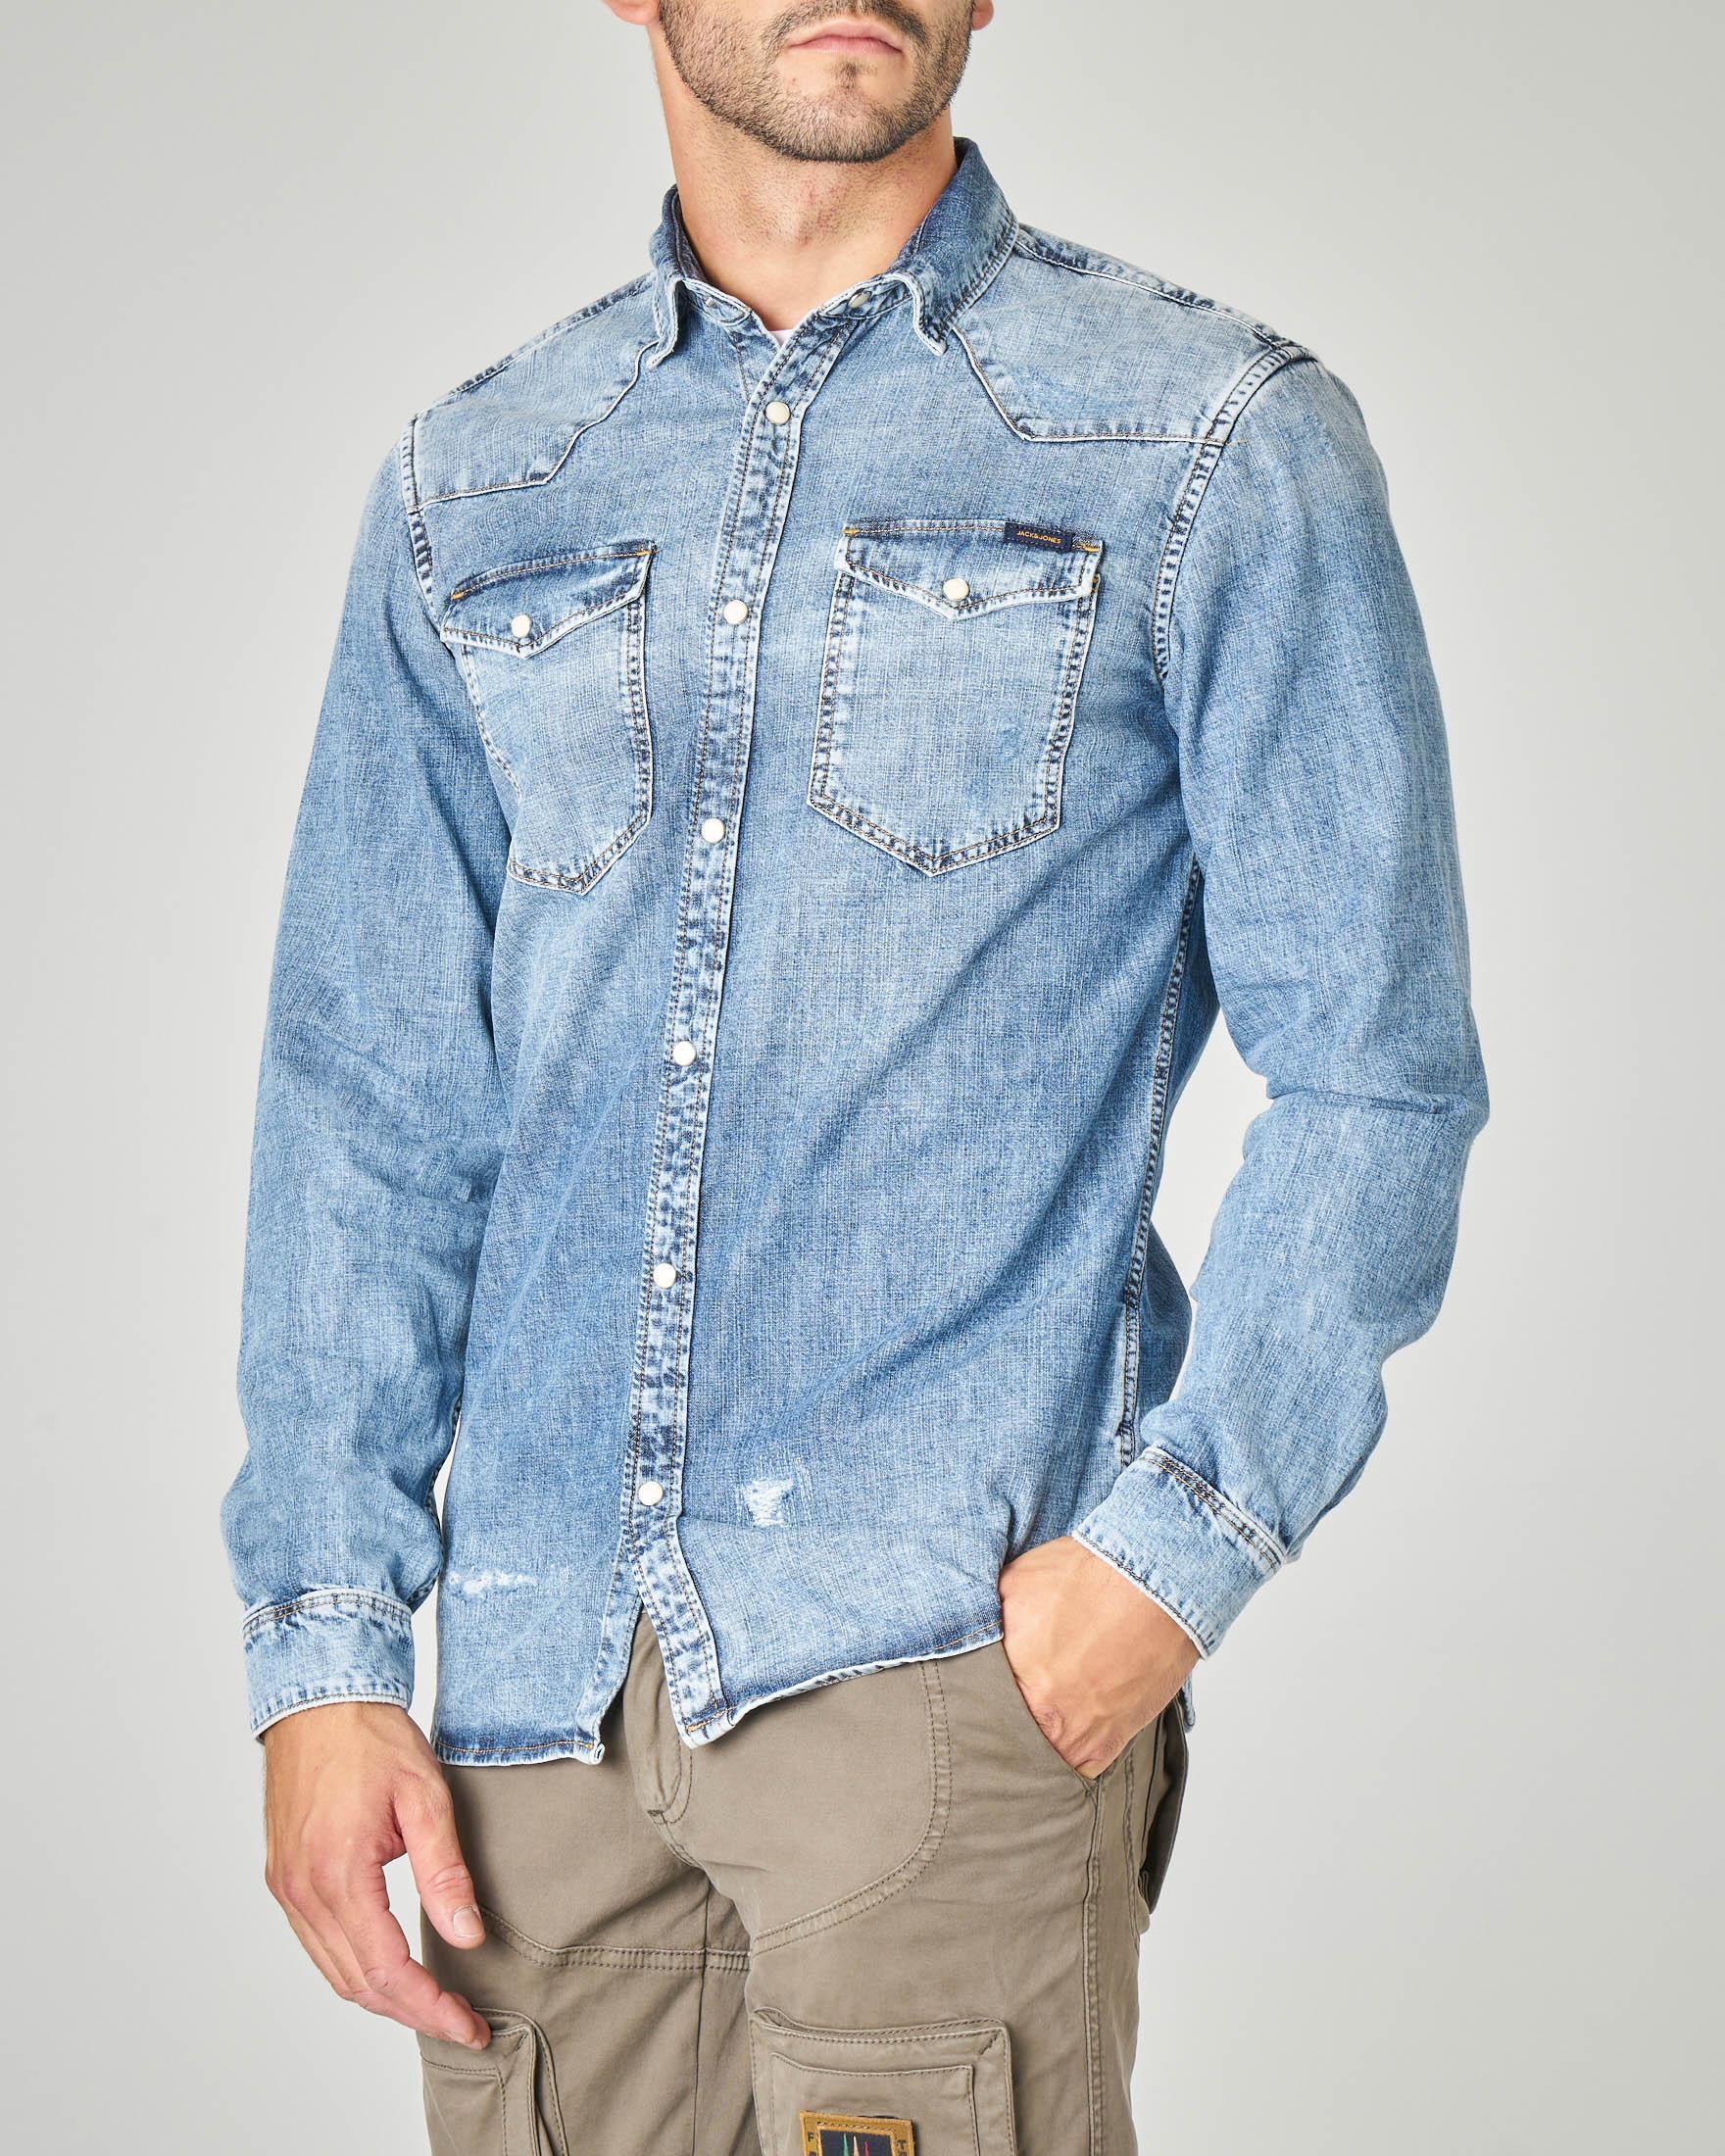 Camicia in denim modello western con micro-abrasioni